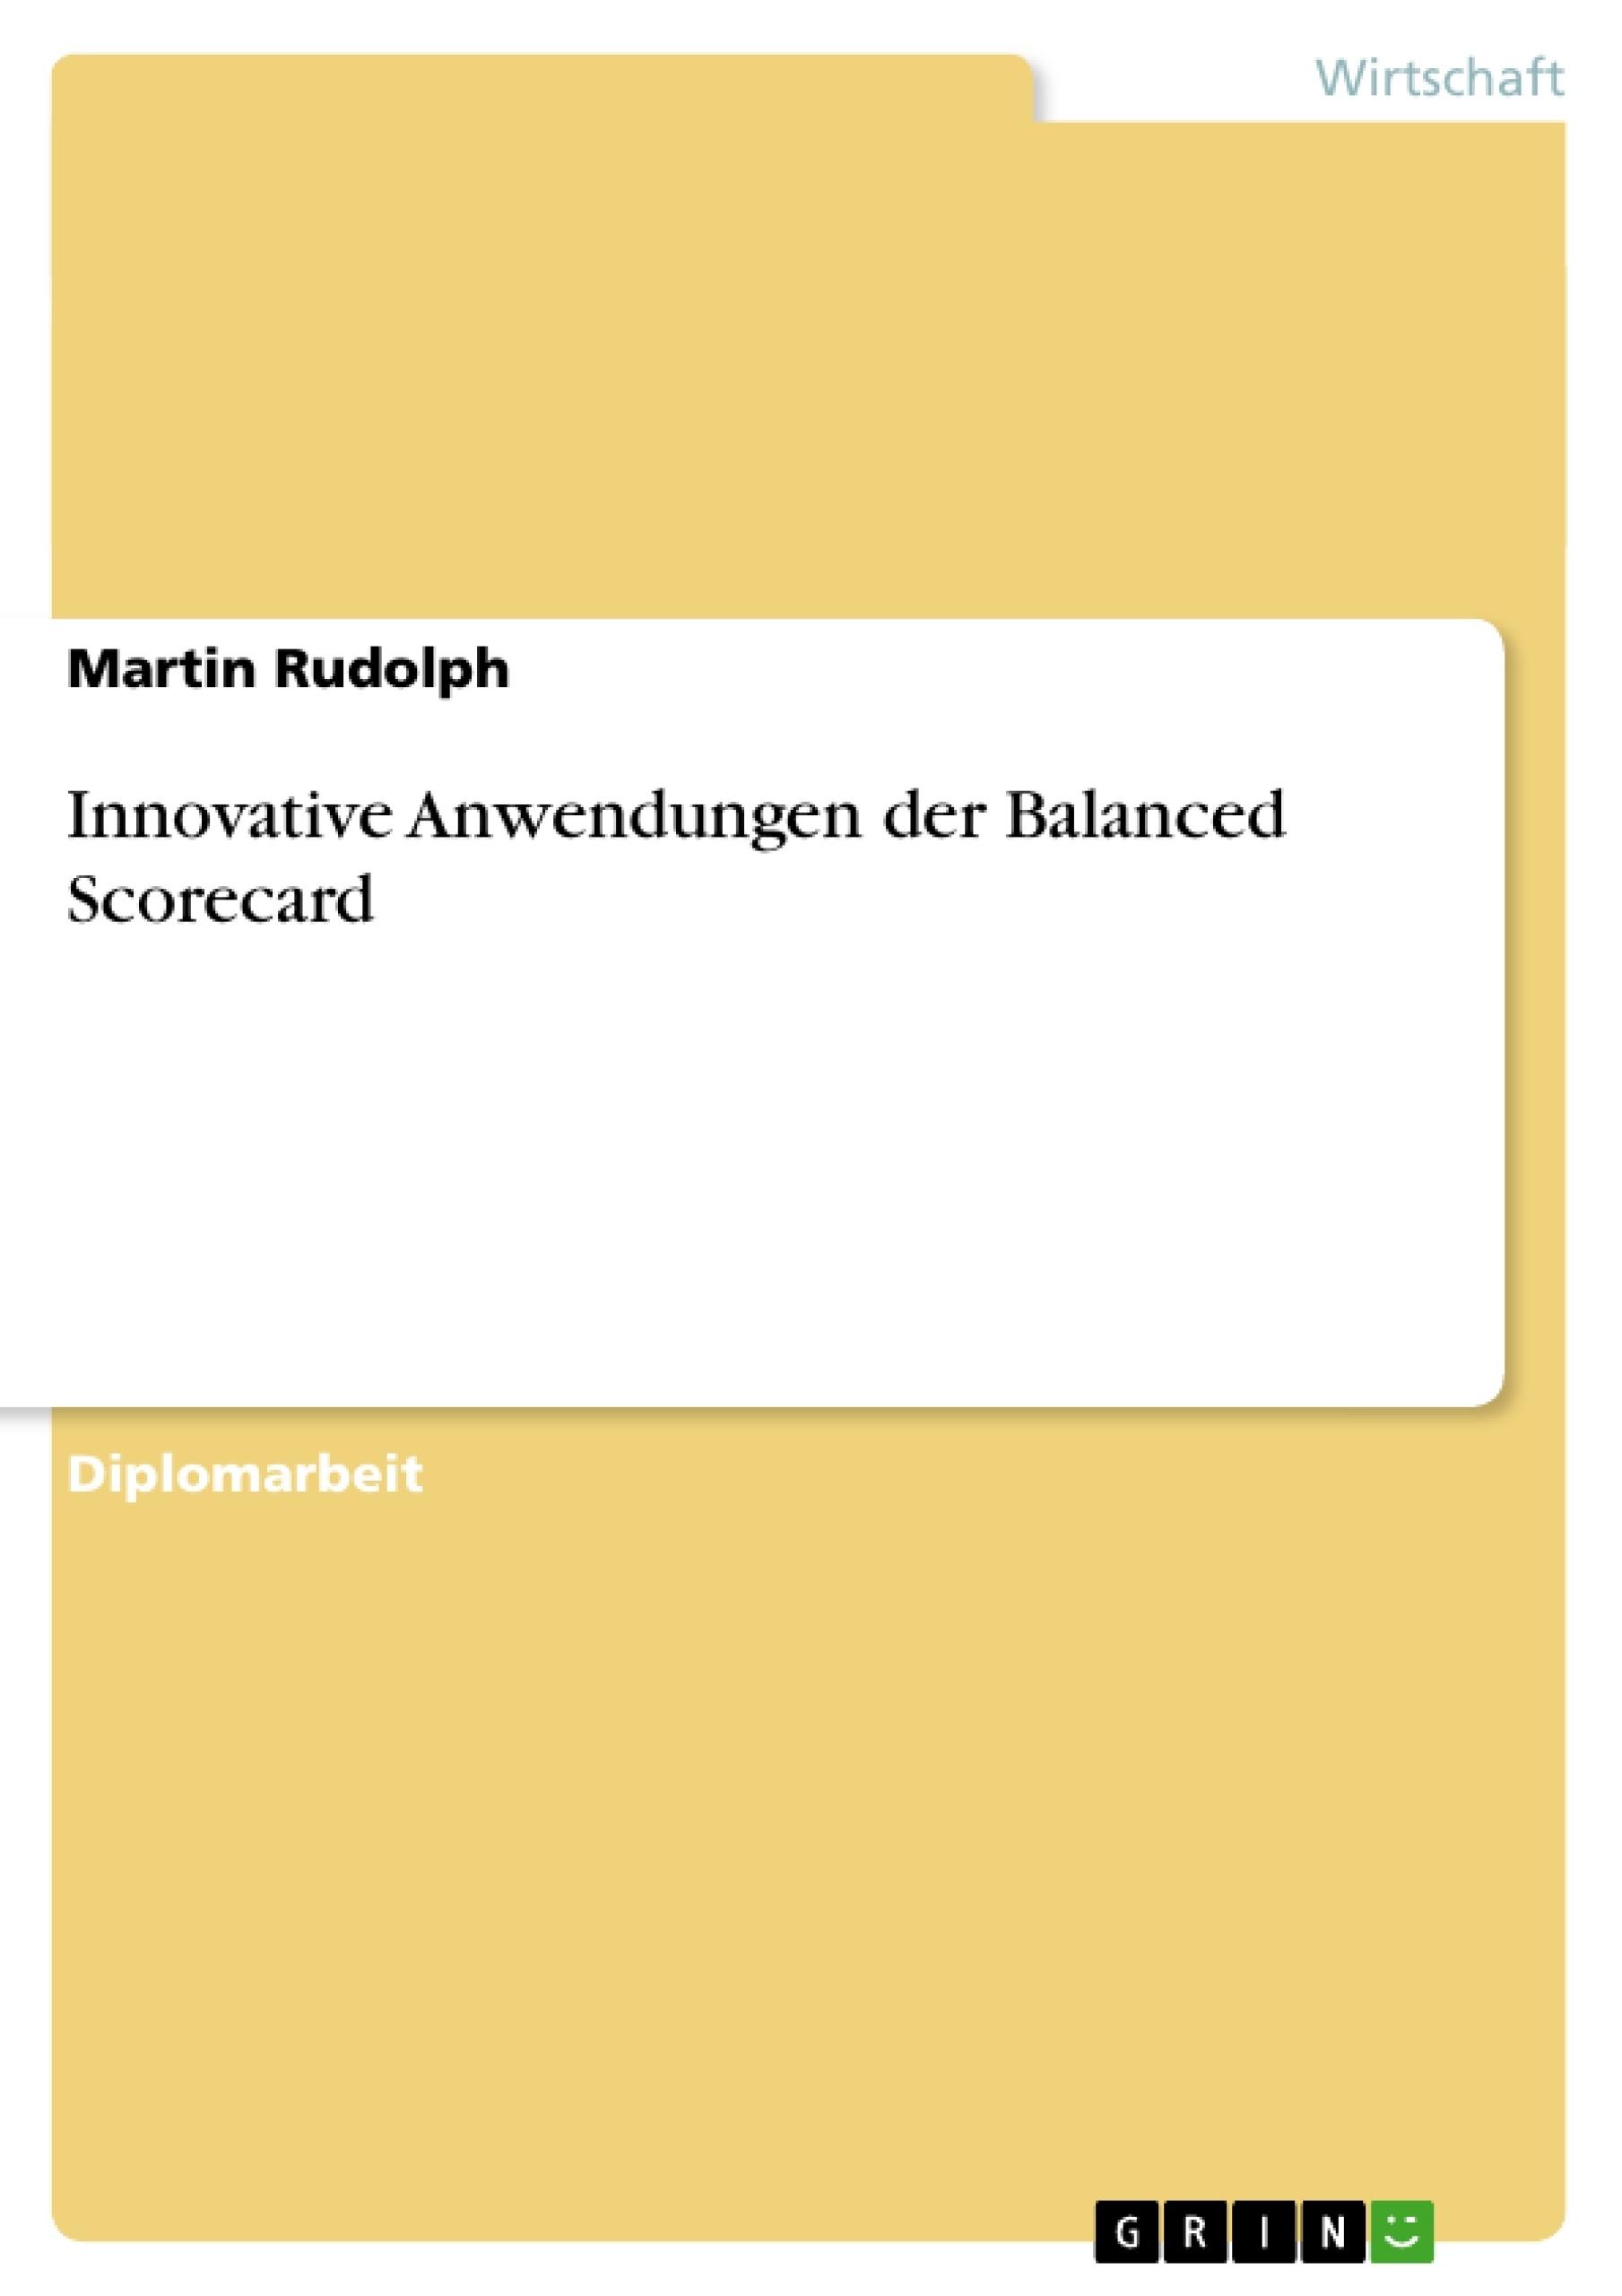 Titel: Innovative Anwendungen der Balanced Scorecard